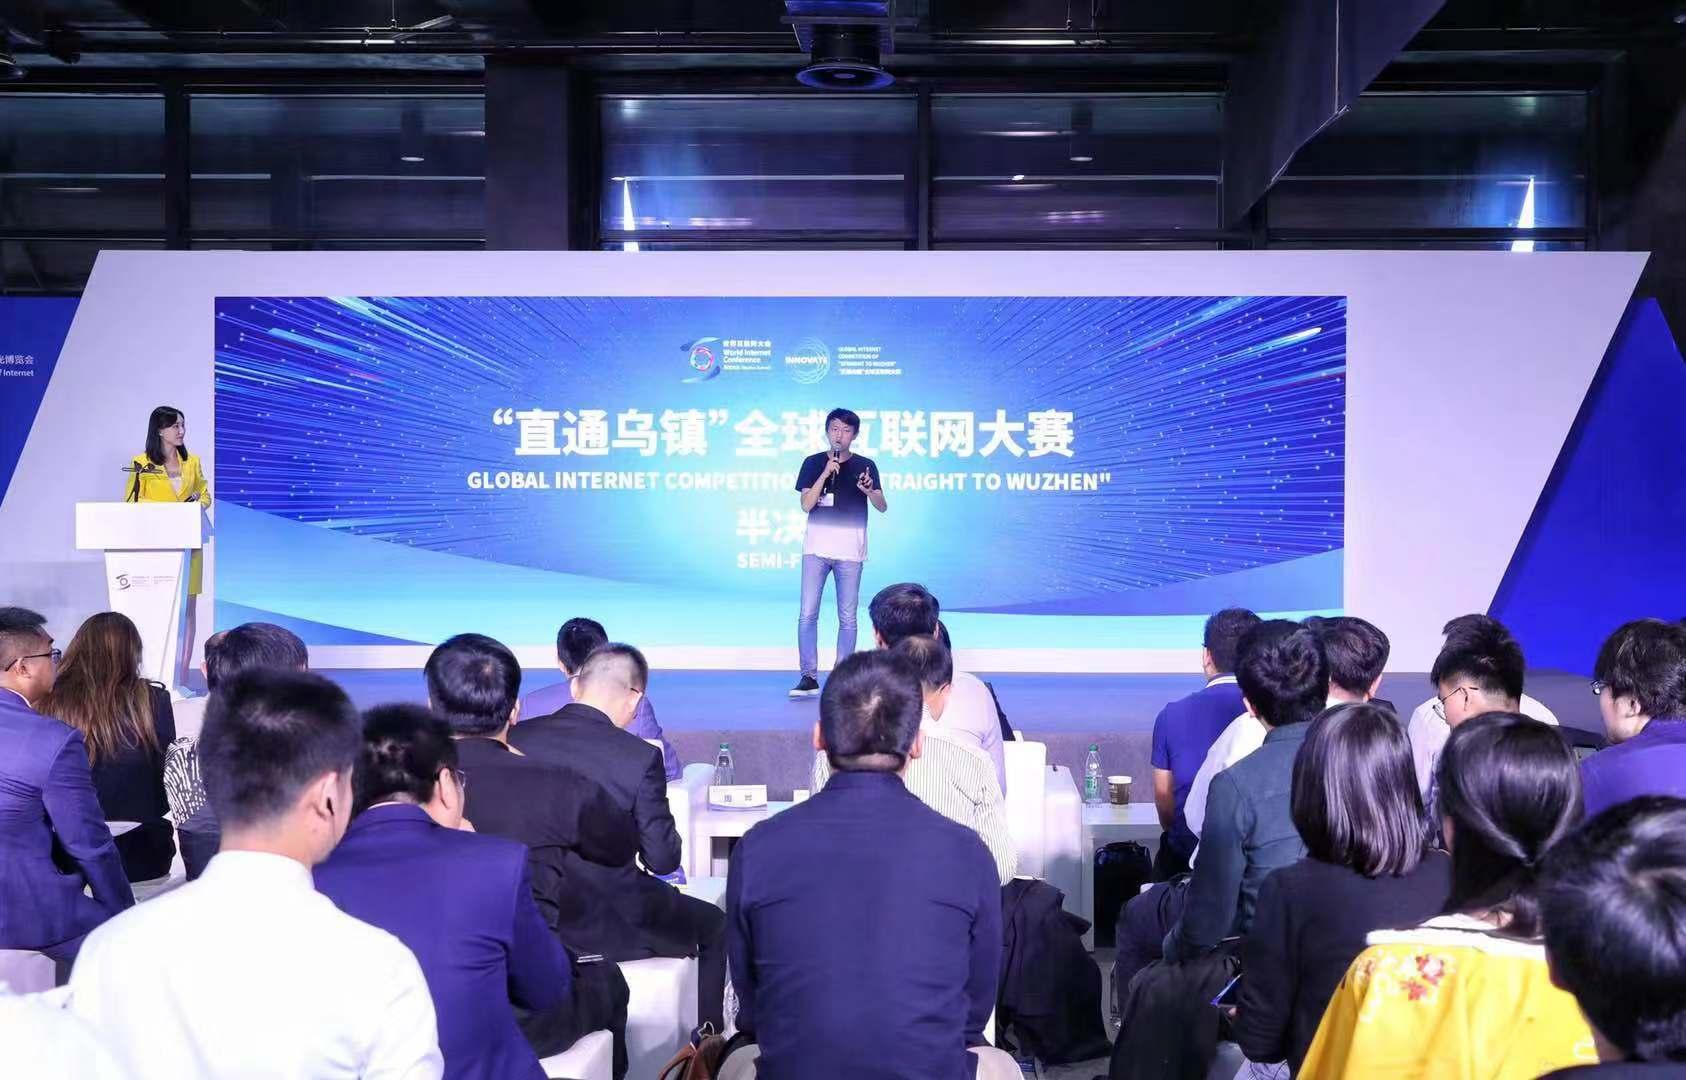 http://www.bjhexi.com/guonaxinwen/1429637.html